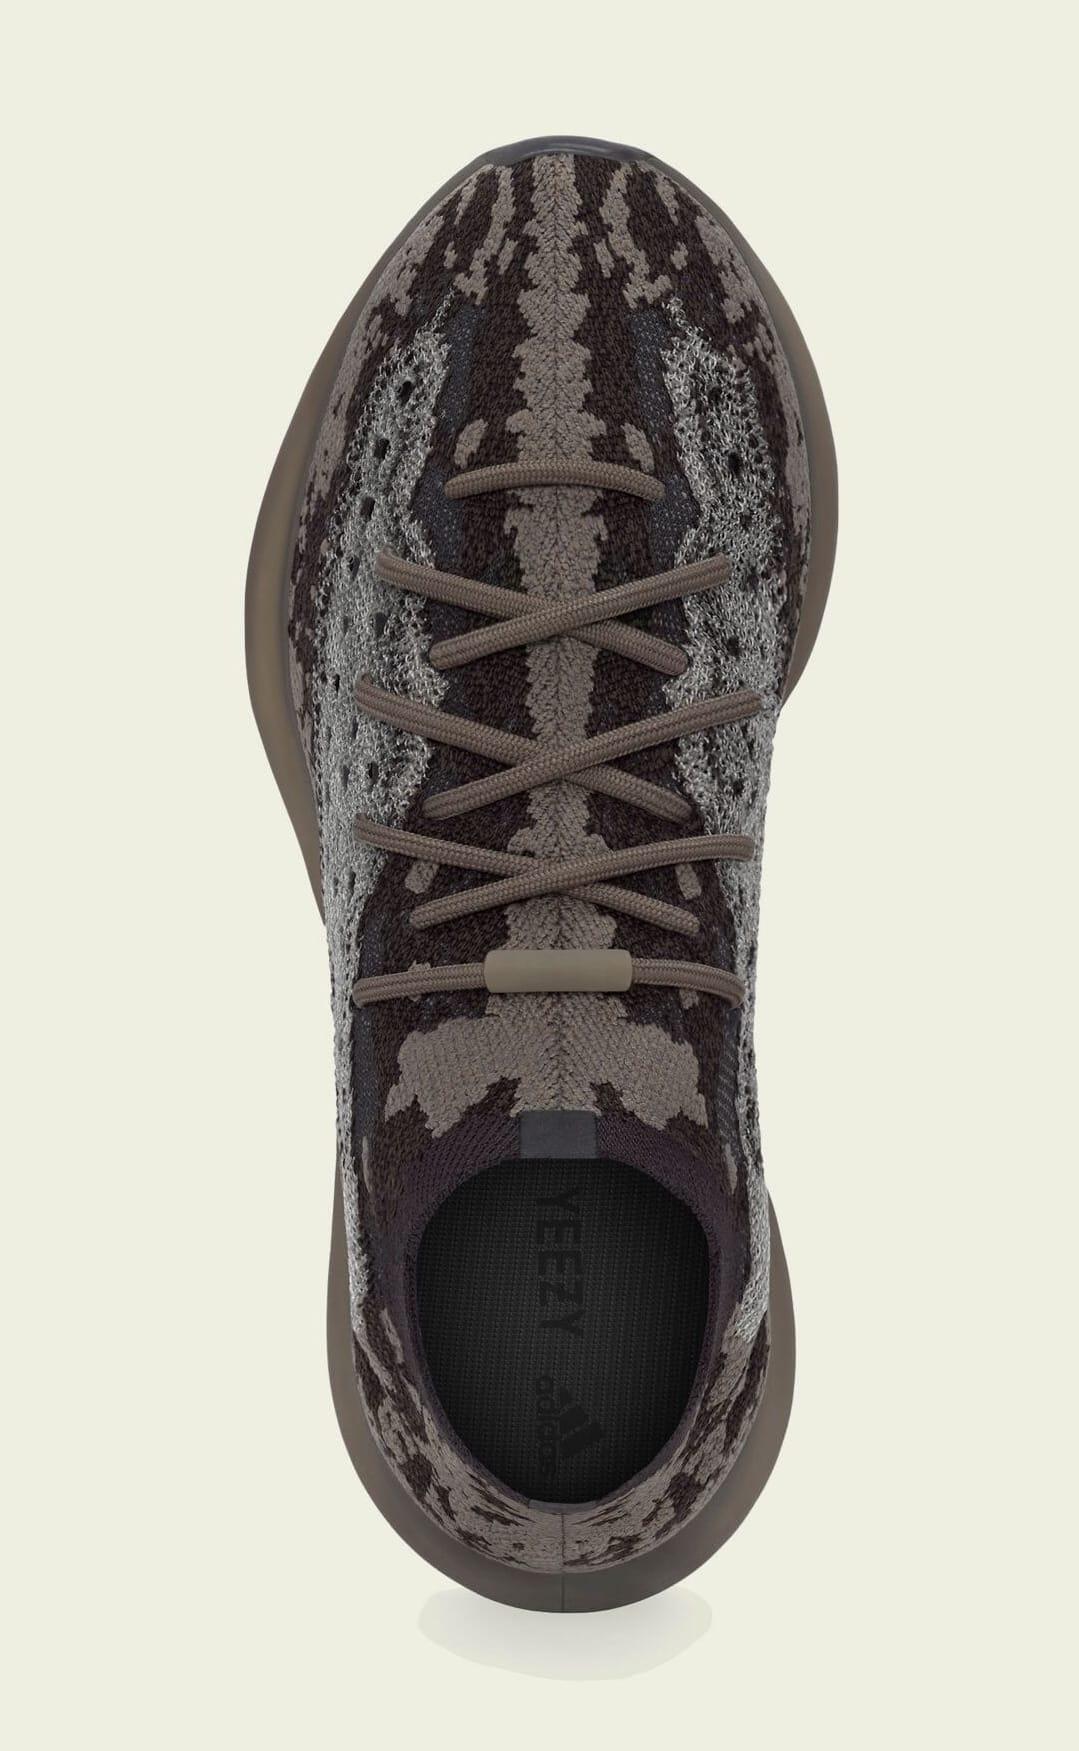 Adidas Yeezy Boost 380 'Stone Salt' GZ0472 Top